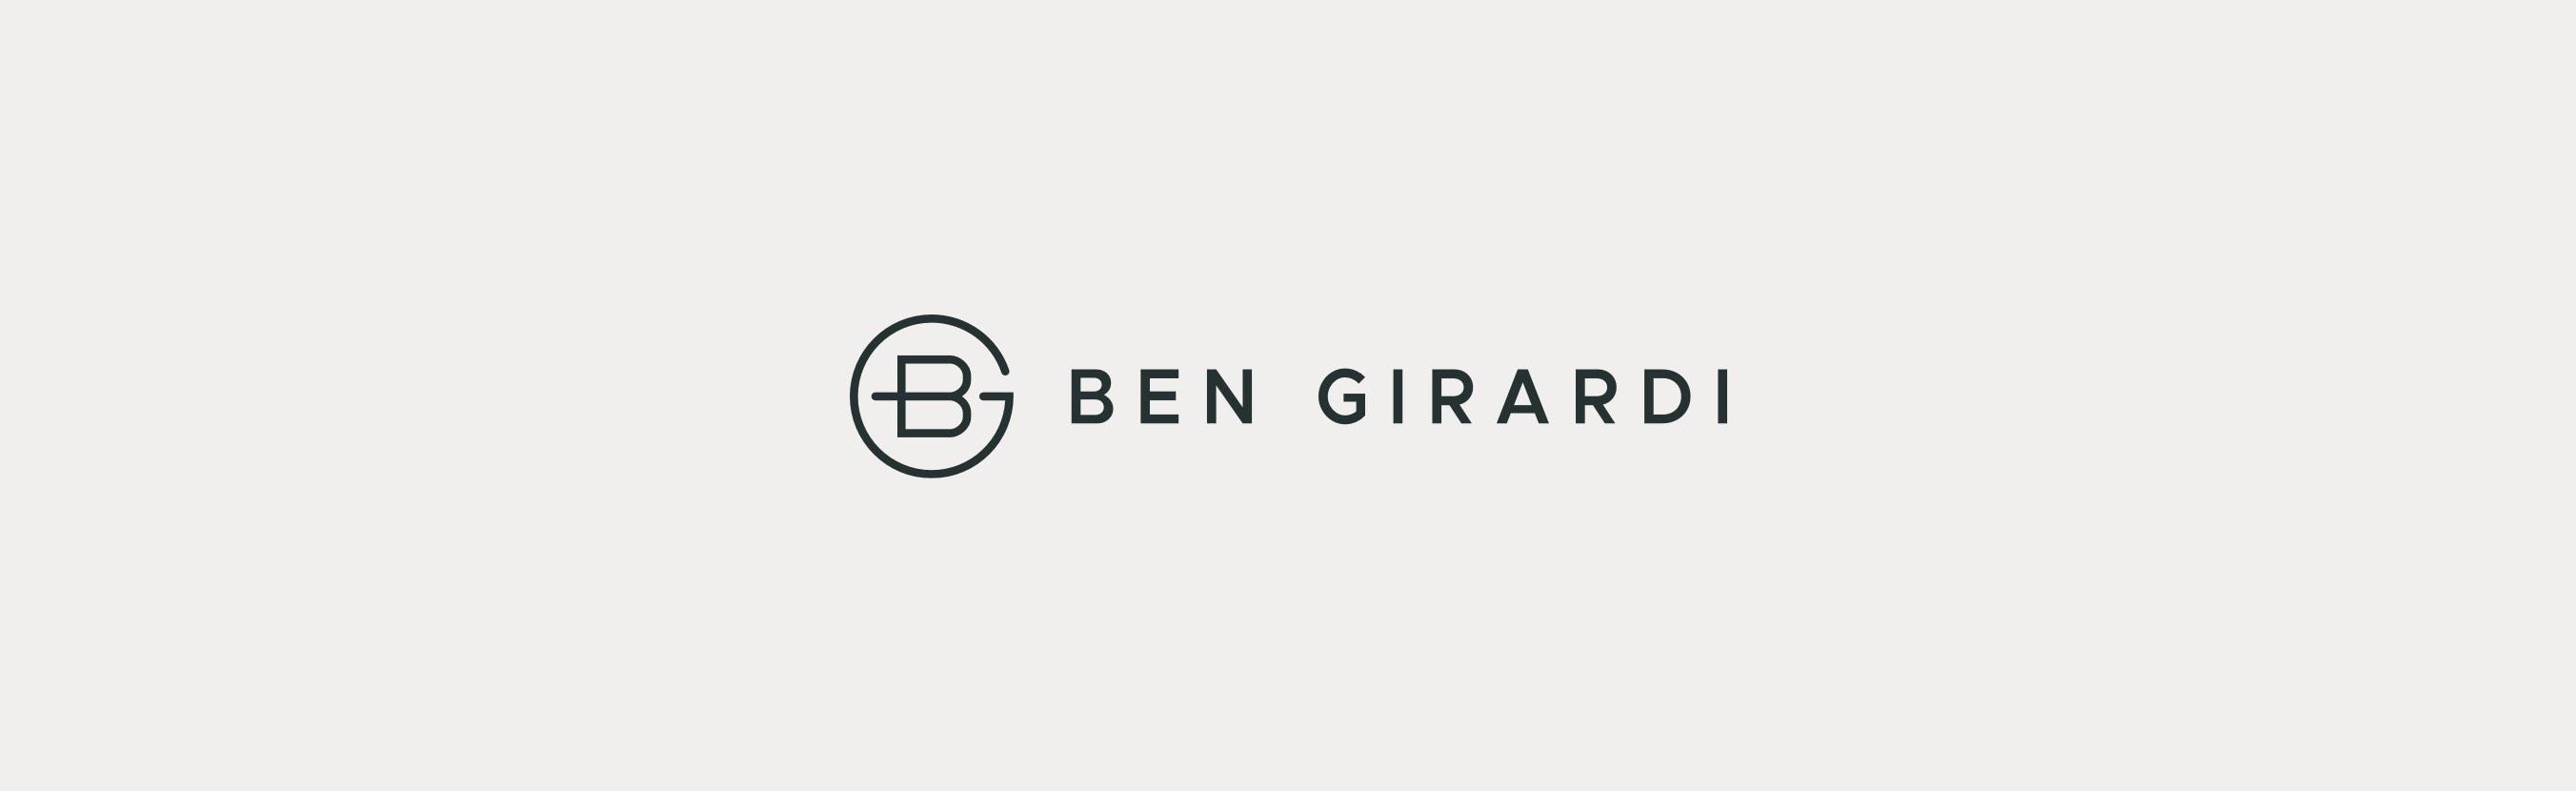 Ben Girardi Horizontal Logo Lockup